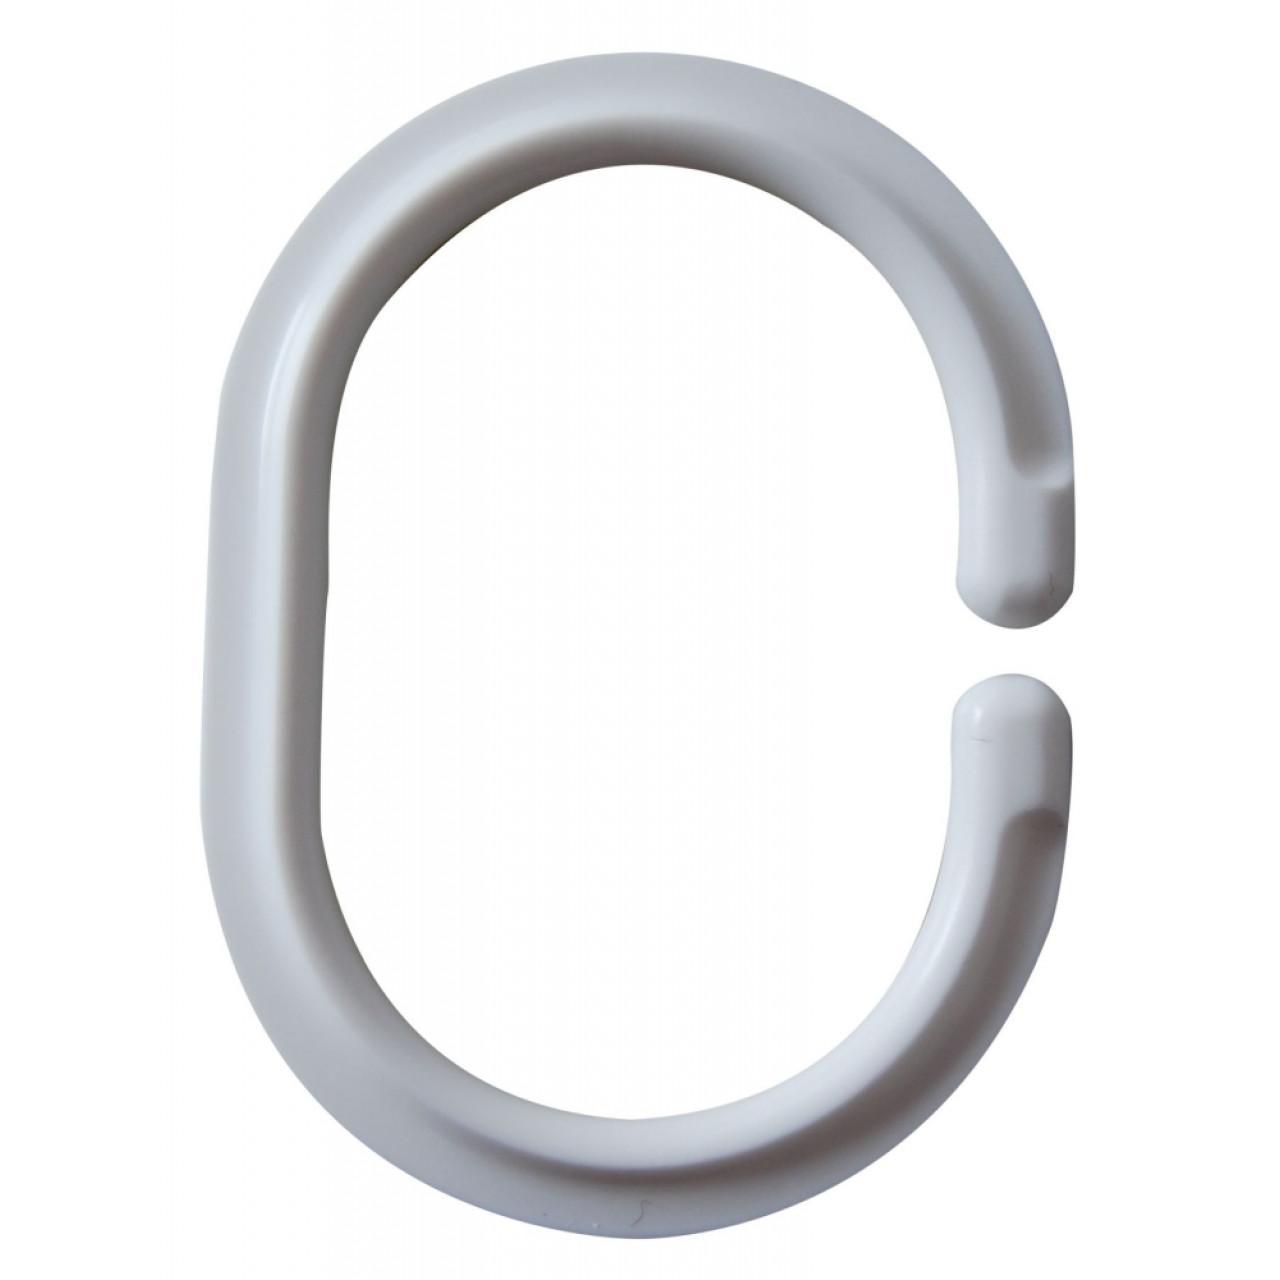 Кольца для штанги Ridder комплект 12шт белый, 49301 купить в Москве по цене от 267р. в интернет-магазине mebel-v-vannu.ru